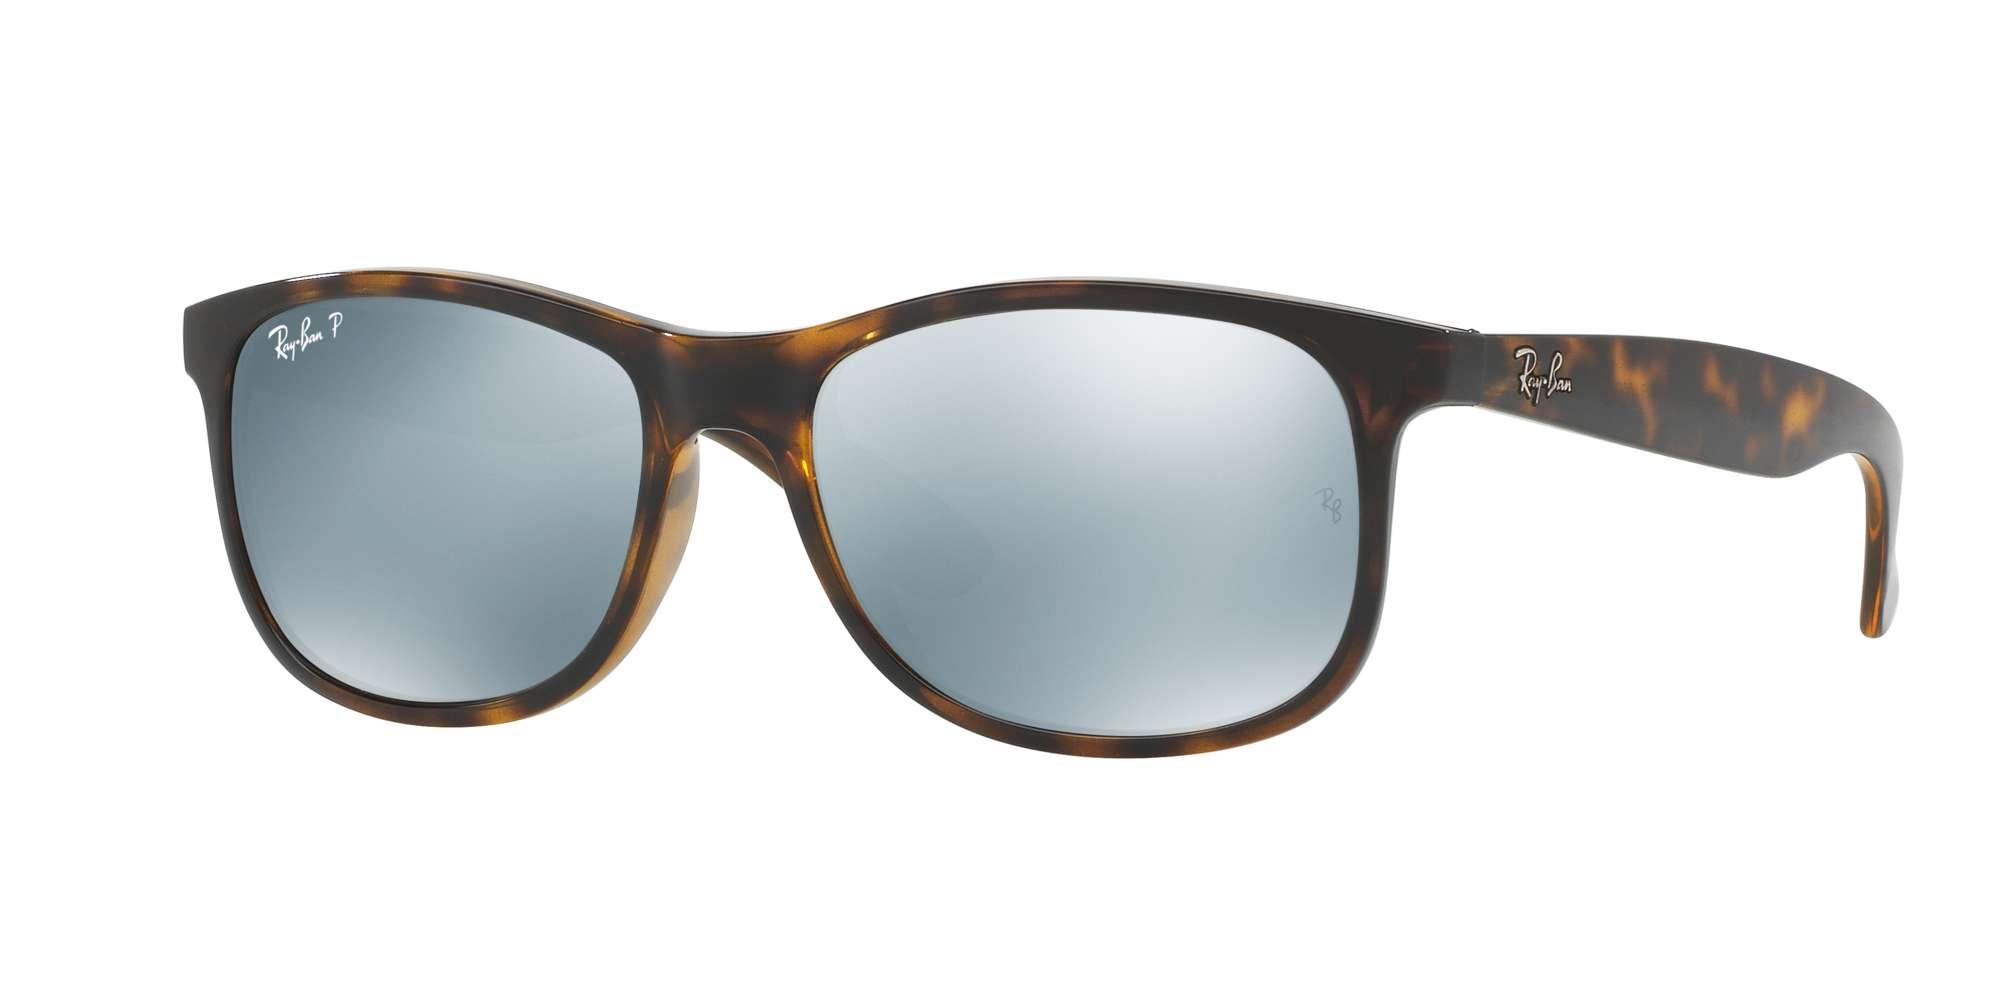 SHINY HAVANA / GREEN MIRROR SILVER POLAR lenses